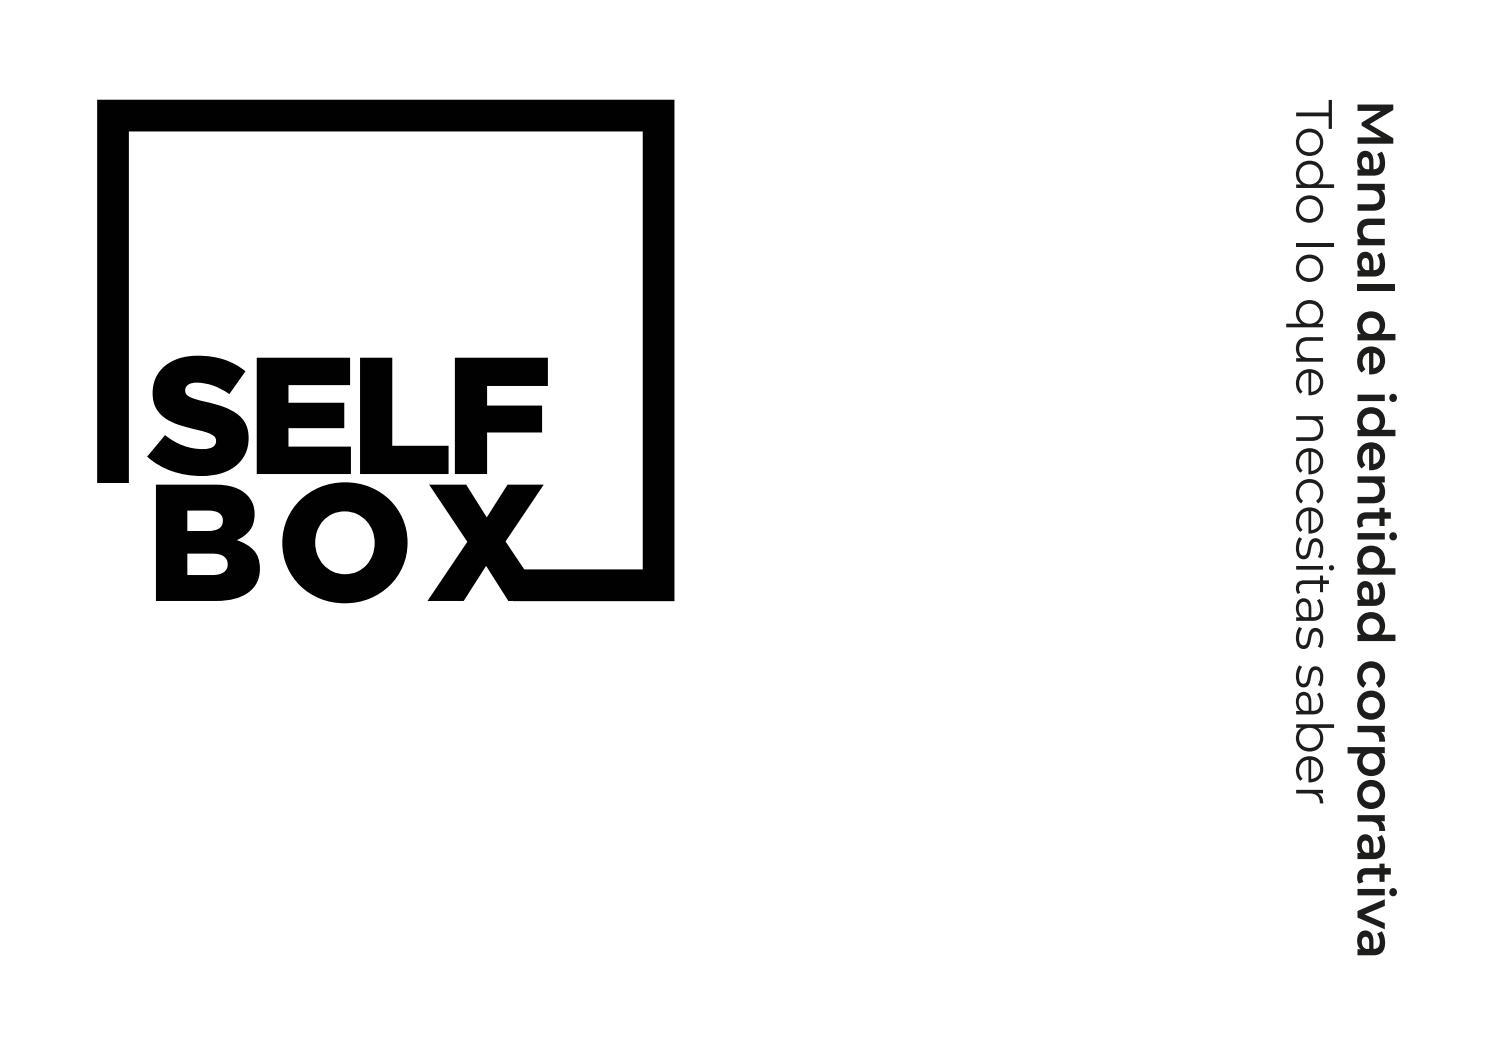 [SELF BOX] Manual de identidad corporativa by Pablo Maria